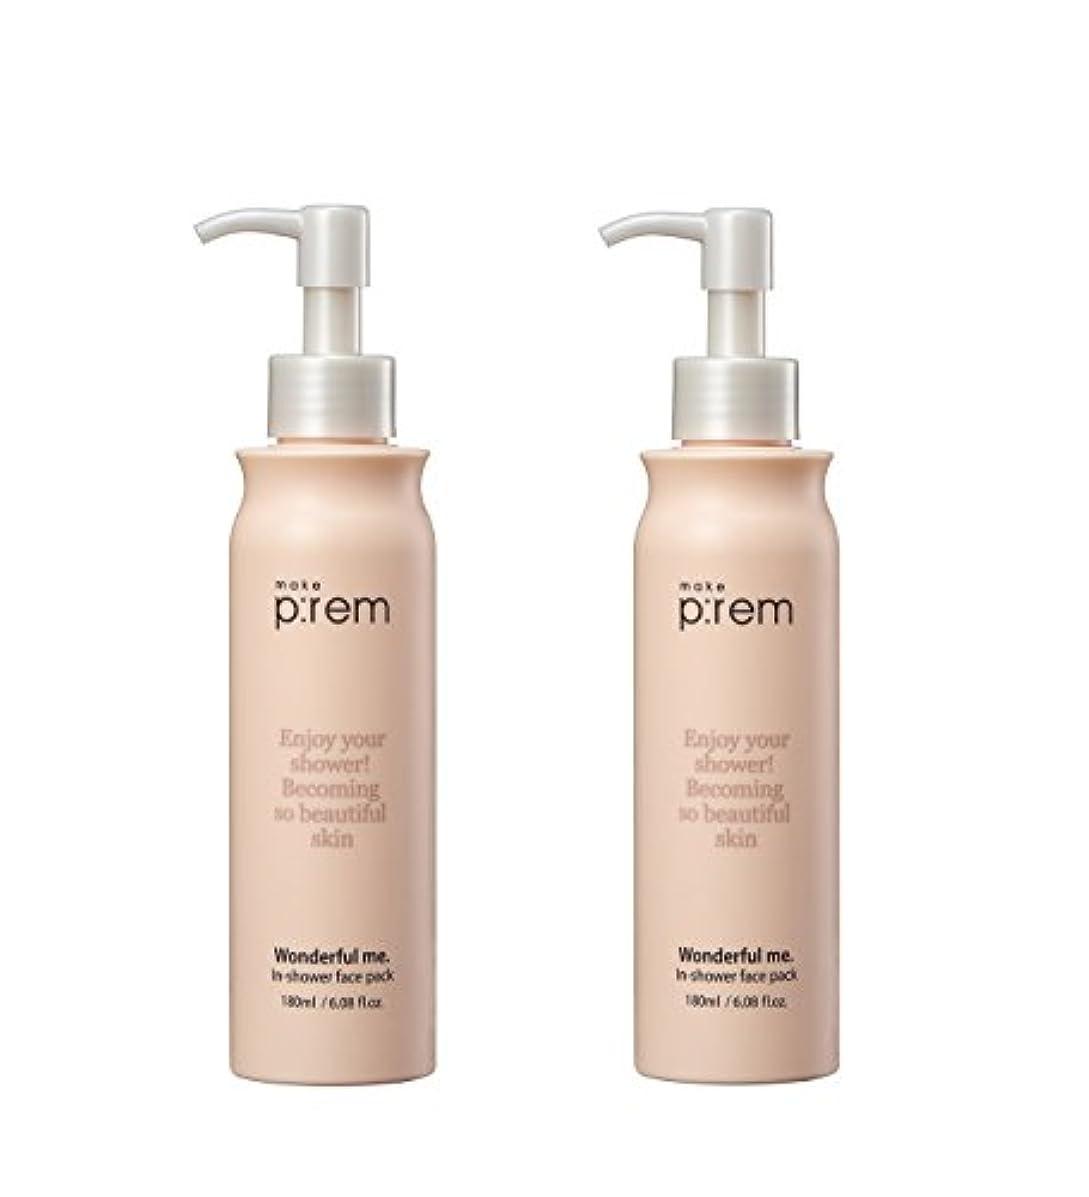 (2個セット) x [MAKE P:REM] wonderful me. in-shower face pack シャワーのフェイスパック 180ml シャワーパック / 韓国製 . 海外直送品